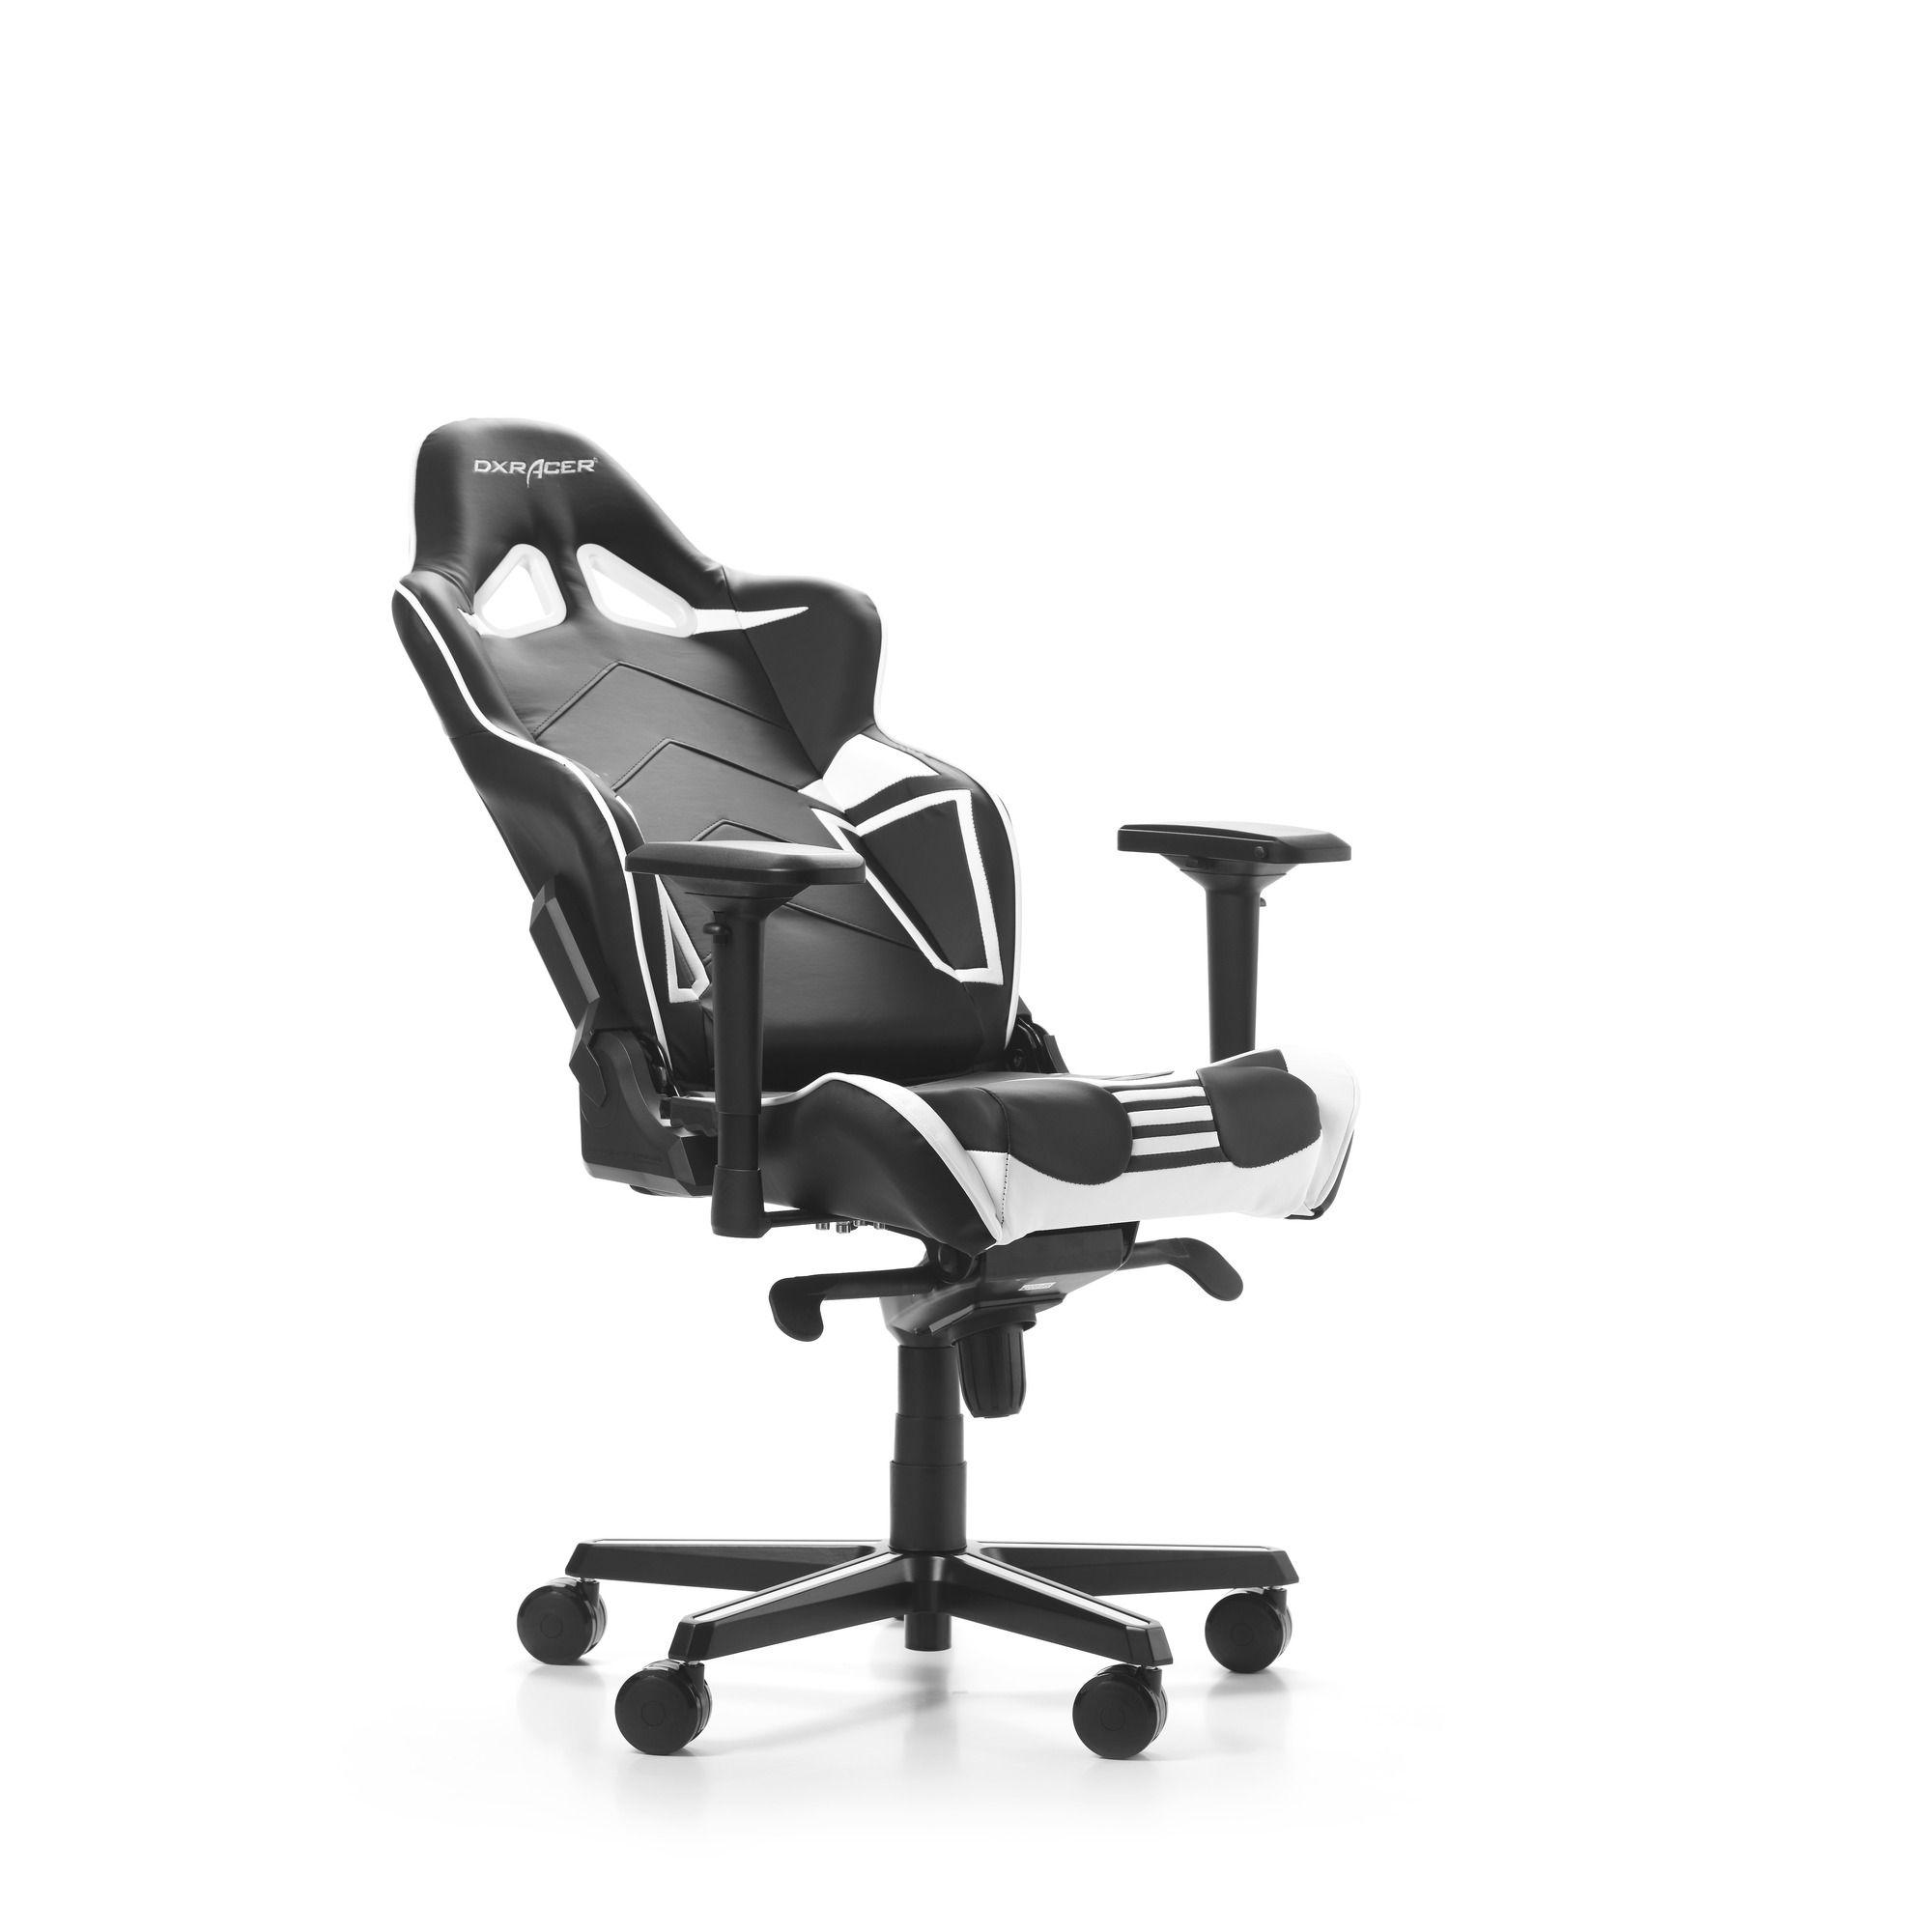 Гейминг стол DXRacer OH/RV131/NW - серия RACING V2, черен/бял - 5